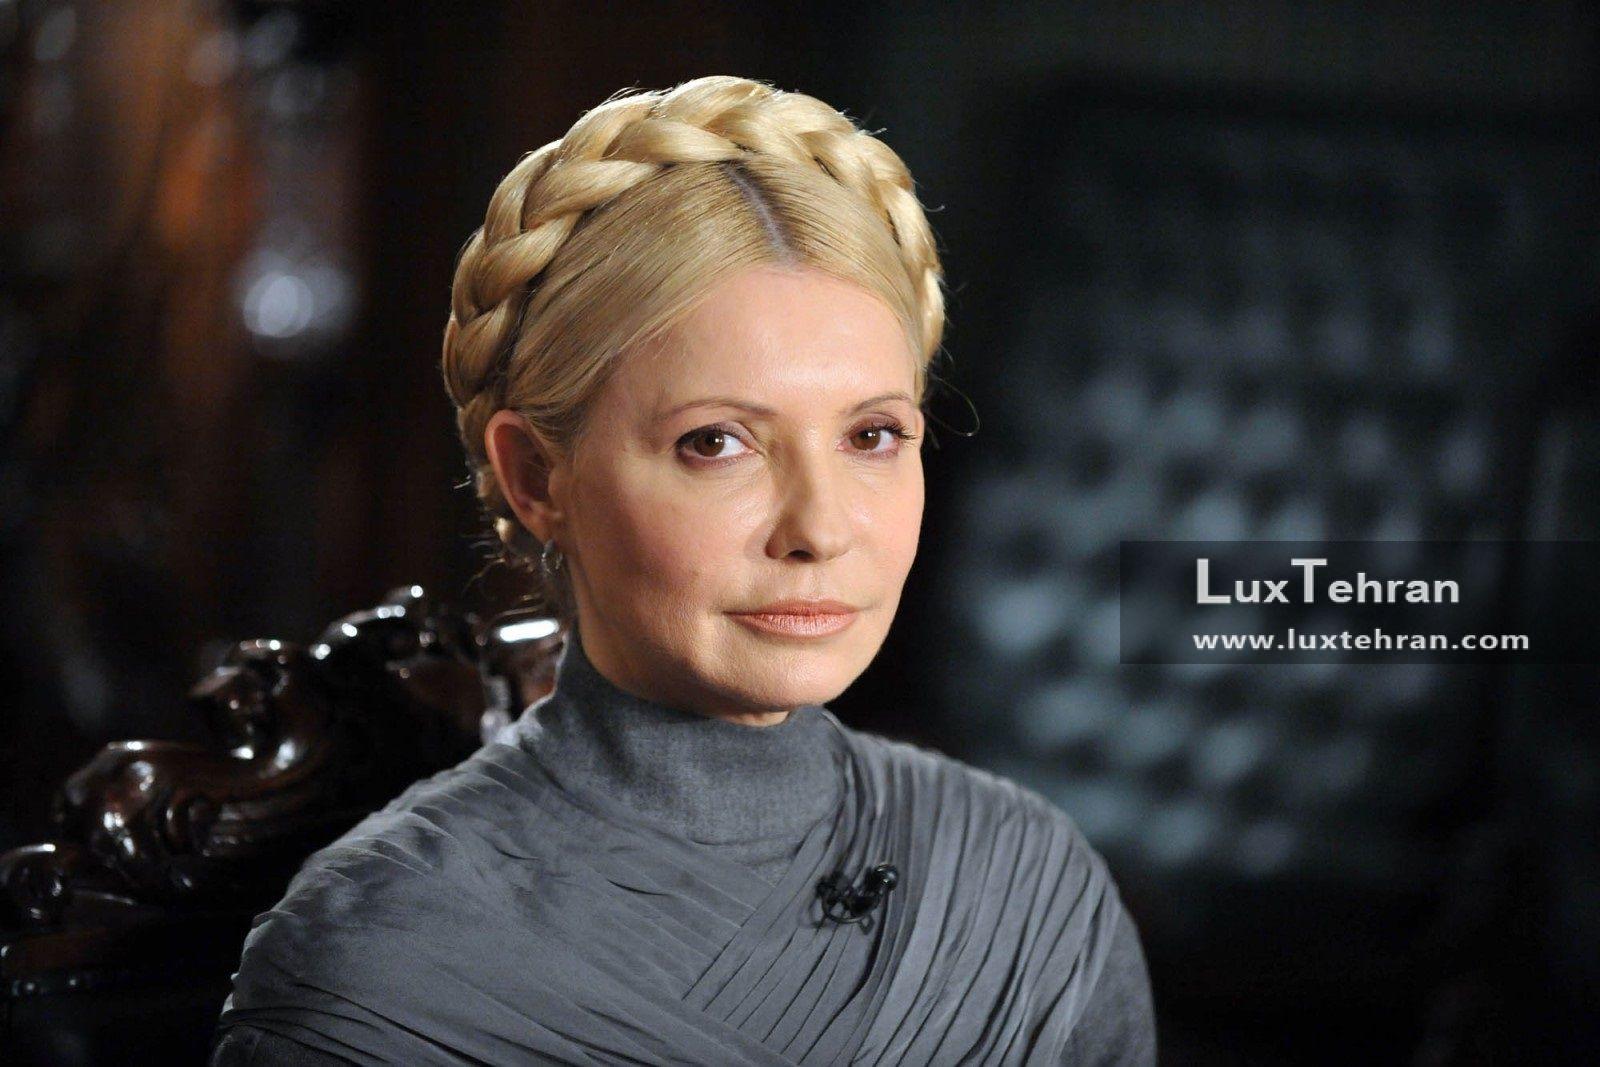 مدل موی خانم یولیا تیموشنکوف زنان سیاستمدار جهان